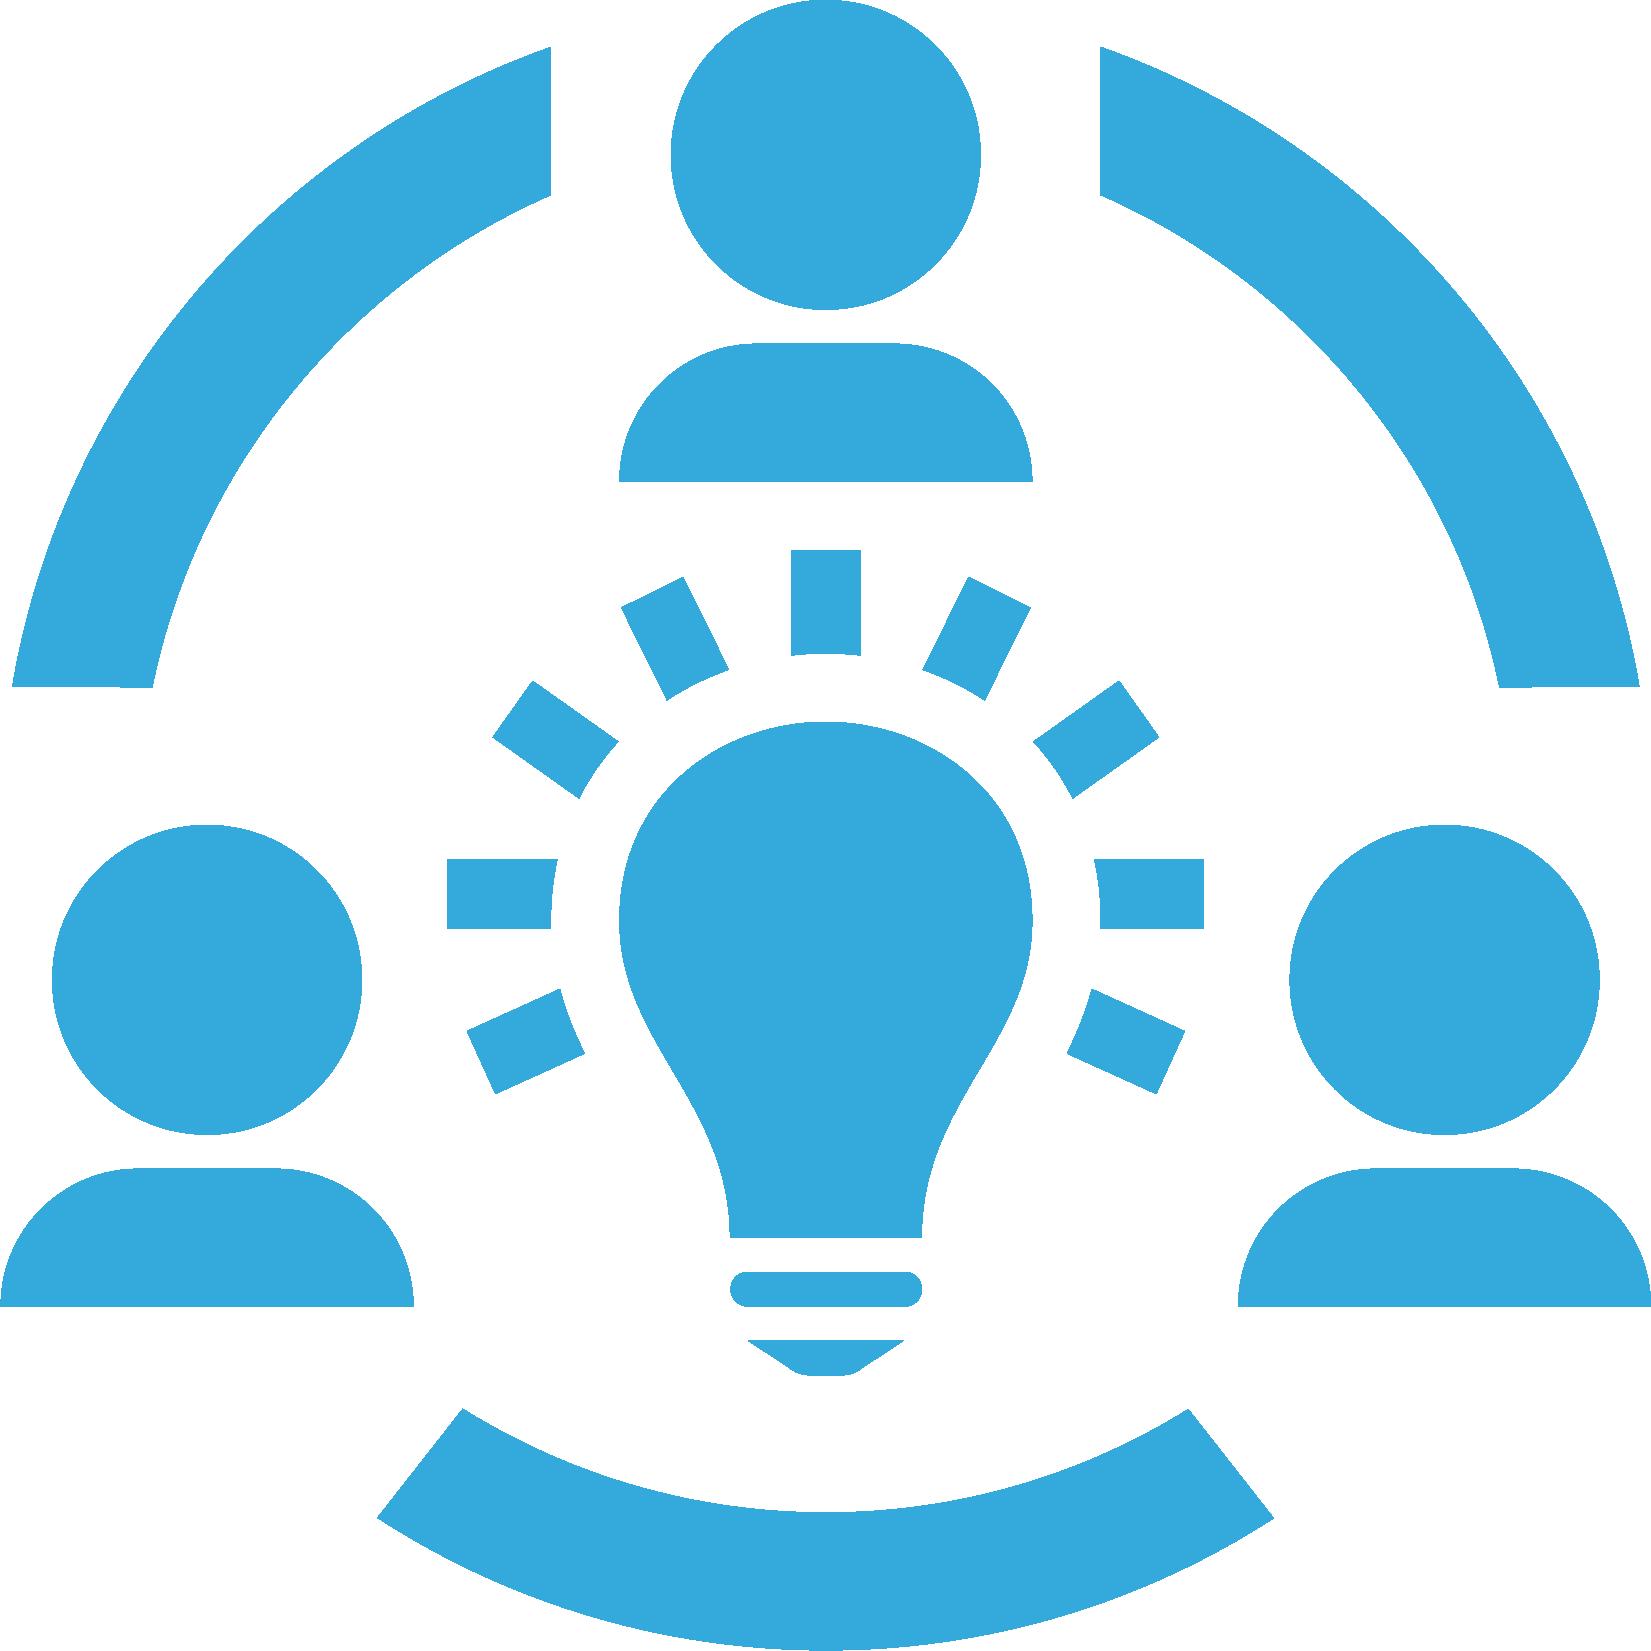 icon to represent collaboration.